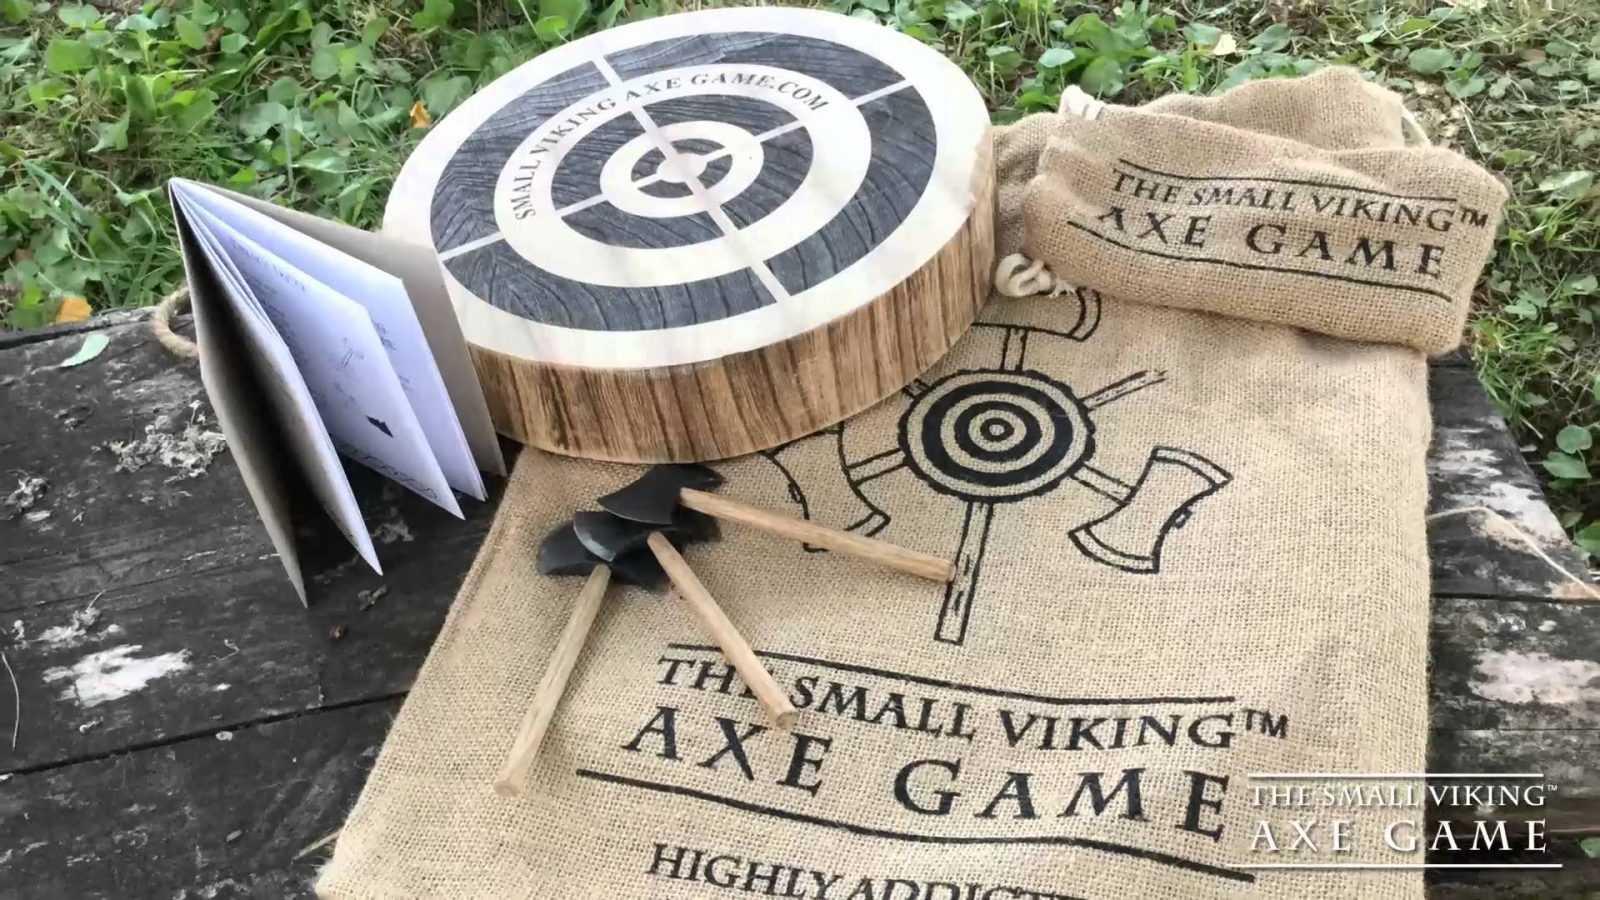 viking axe game